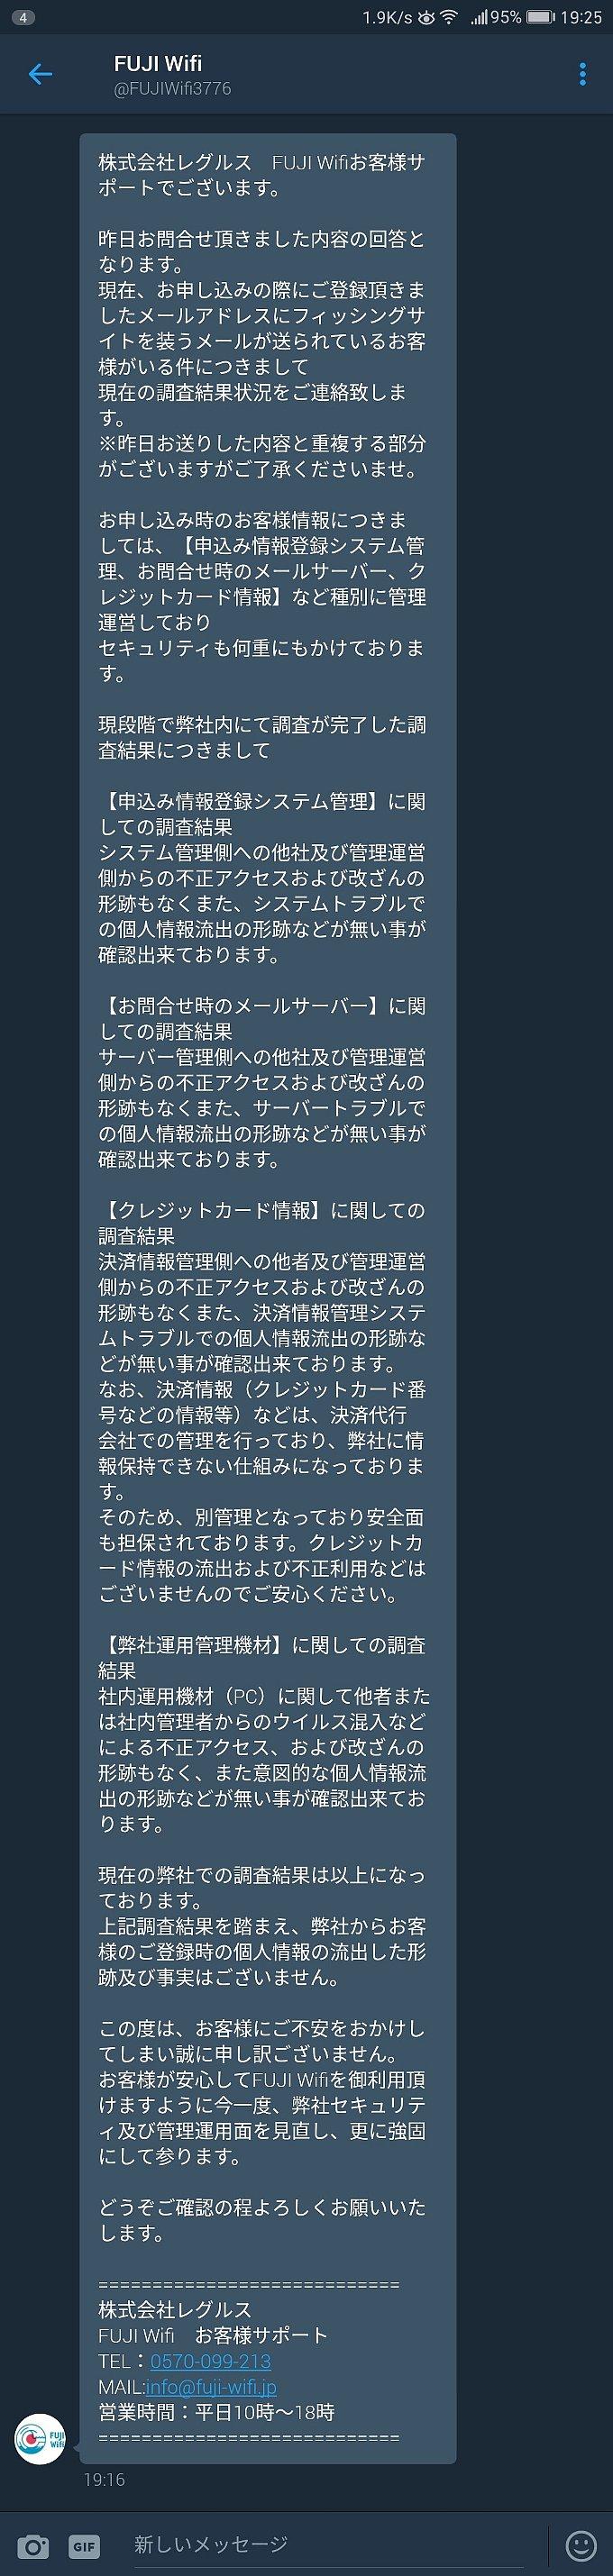 1月18日に送られてきたFUJI Wifiからのダイレクトメッセージ